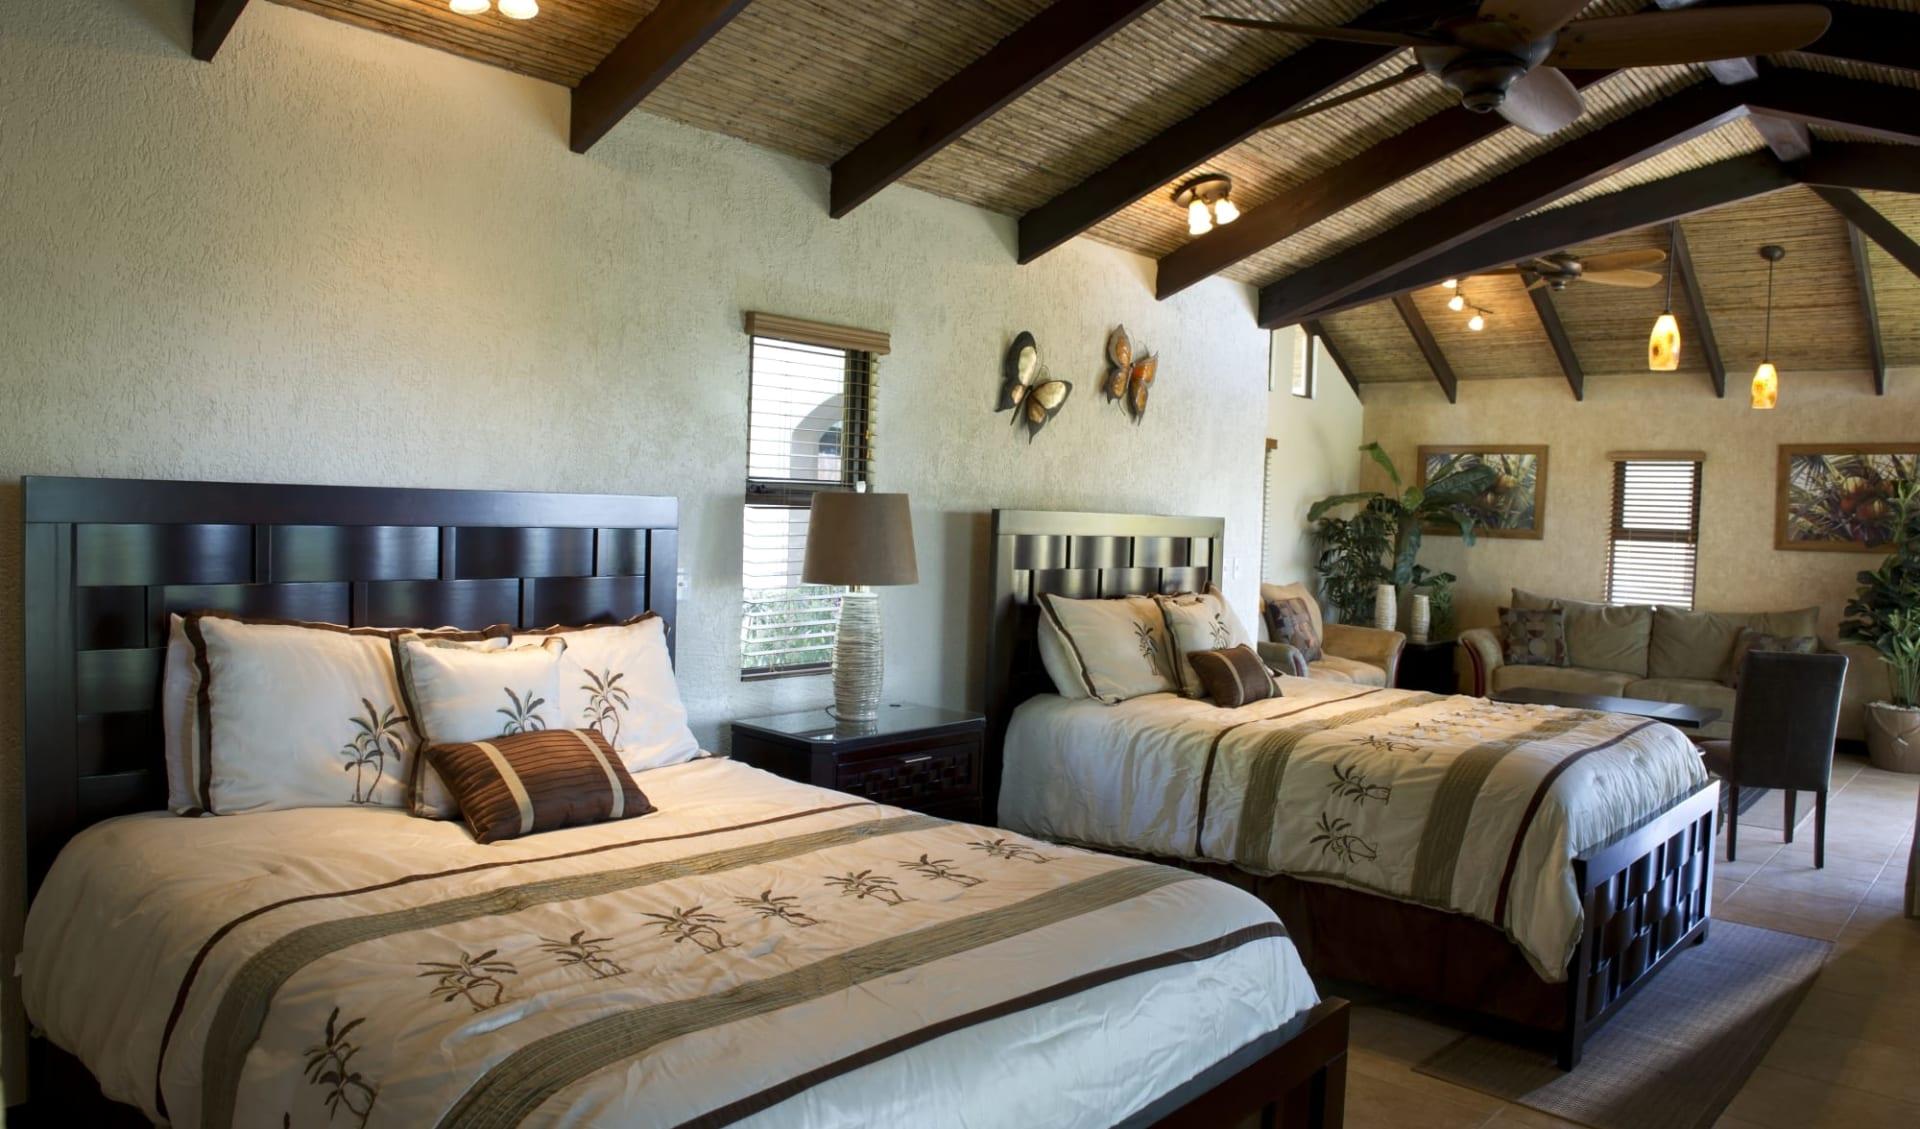 Buena Vista in Alajuela:  Buena Vista Hotel Luxury Villa